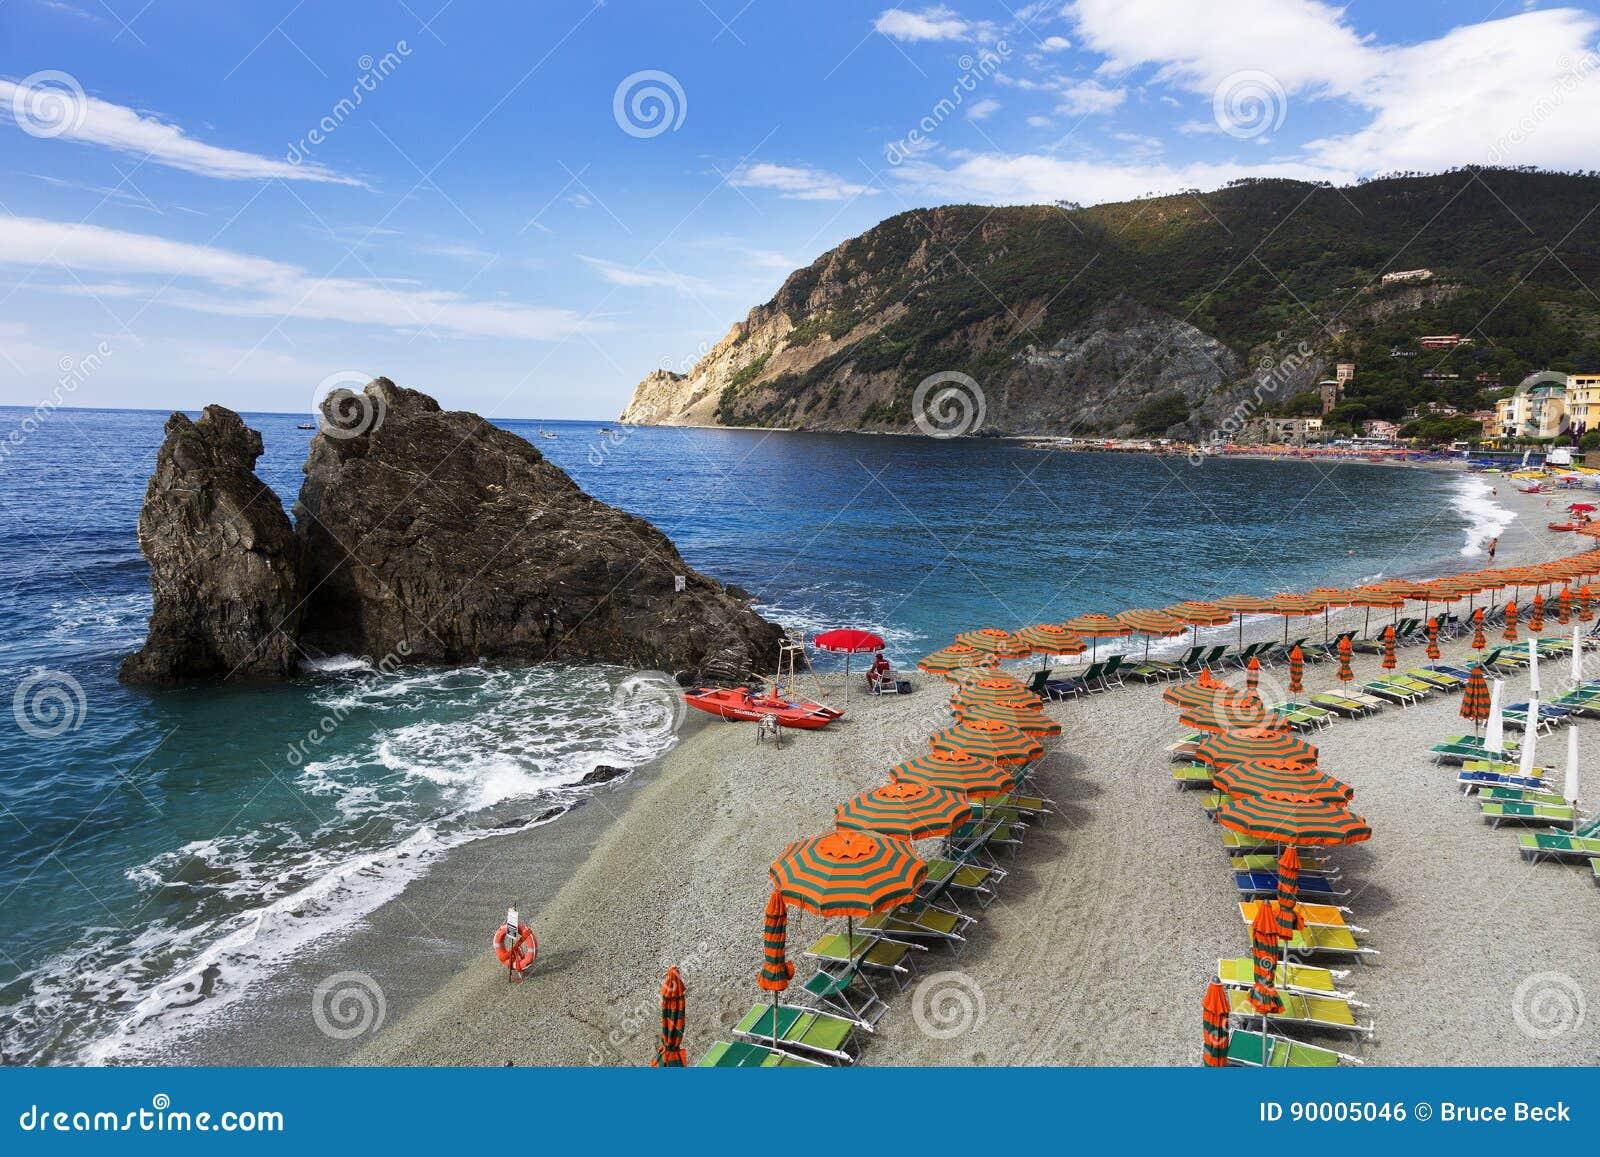 Monterosso al Mare, Cinque Terra, Italy